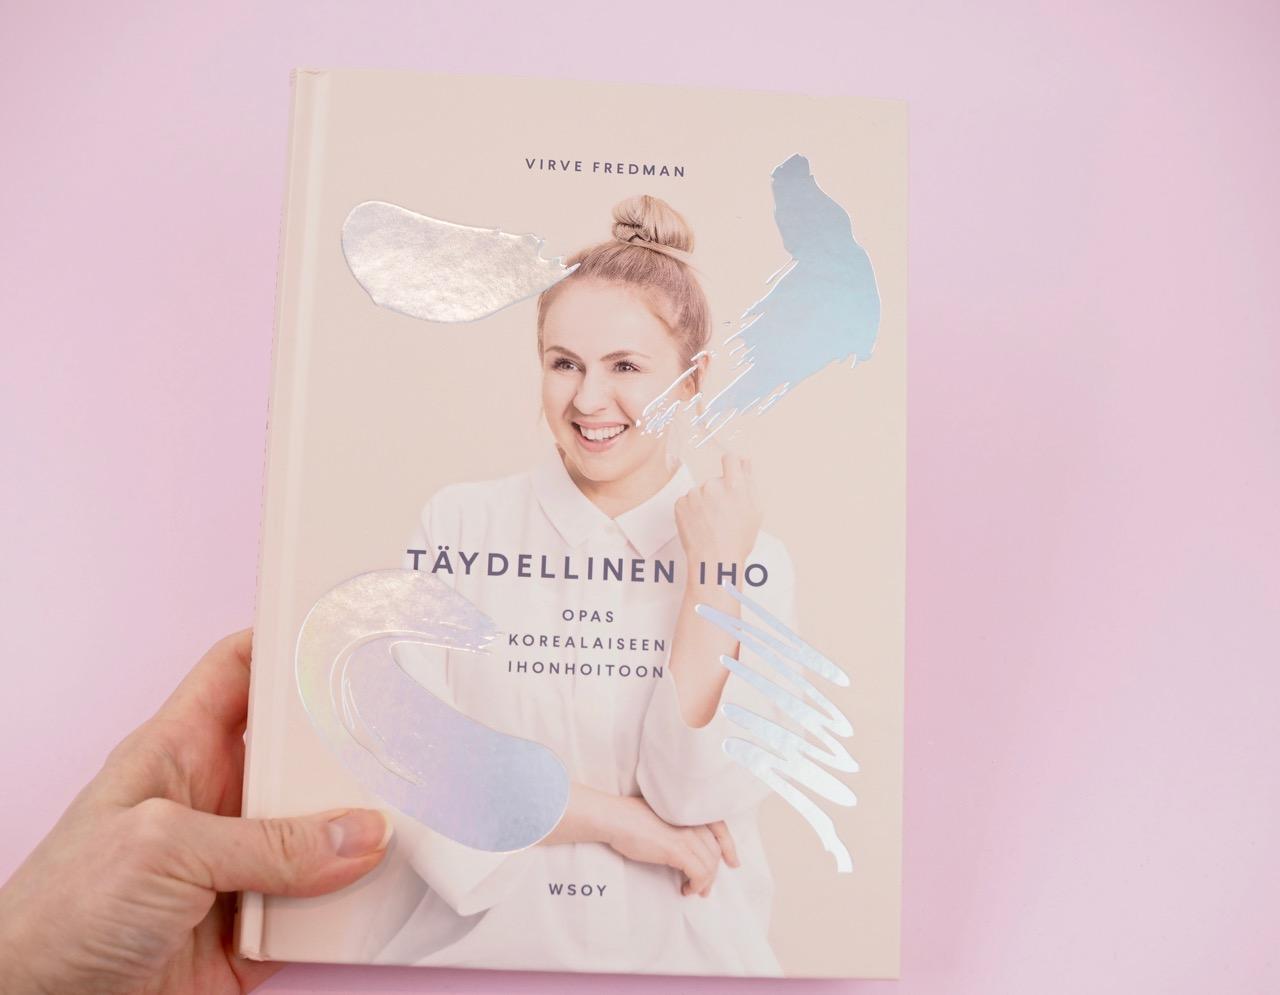 Virve Fredman Täydellinen iho korealainen ihonhoito kirja